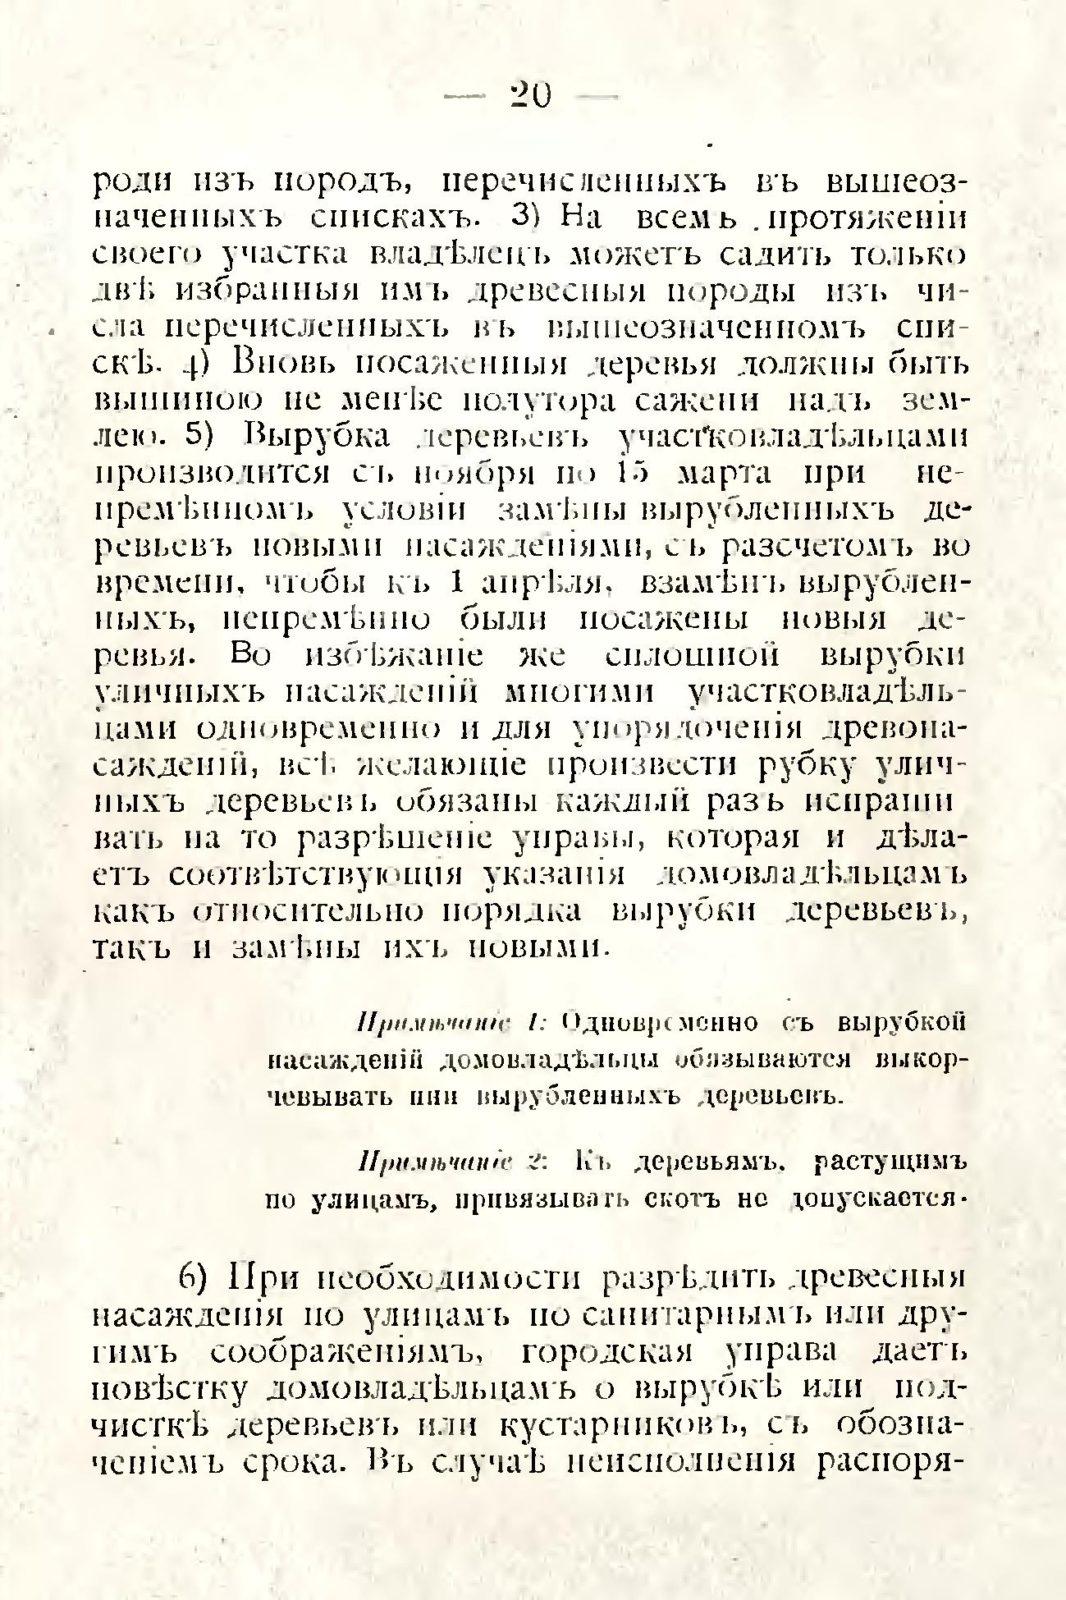 sbornik_obyazatelnyh_postanovlenii_tashkentskoi_gorodskoi_du_24